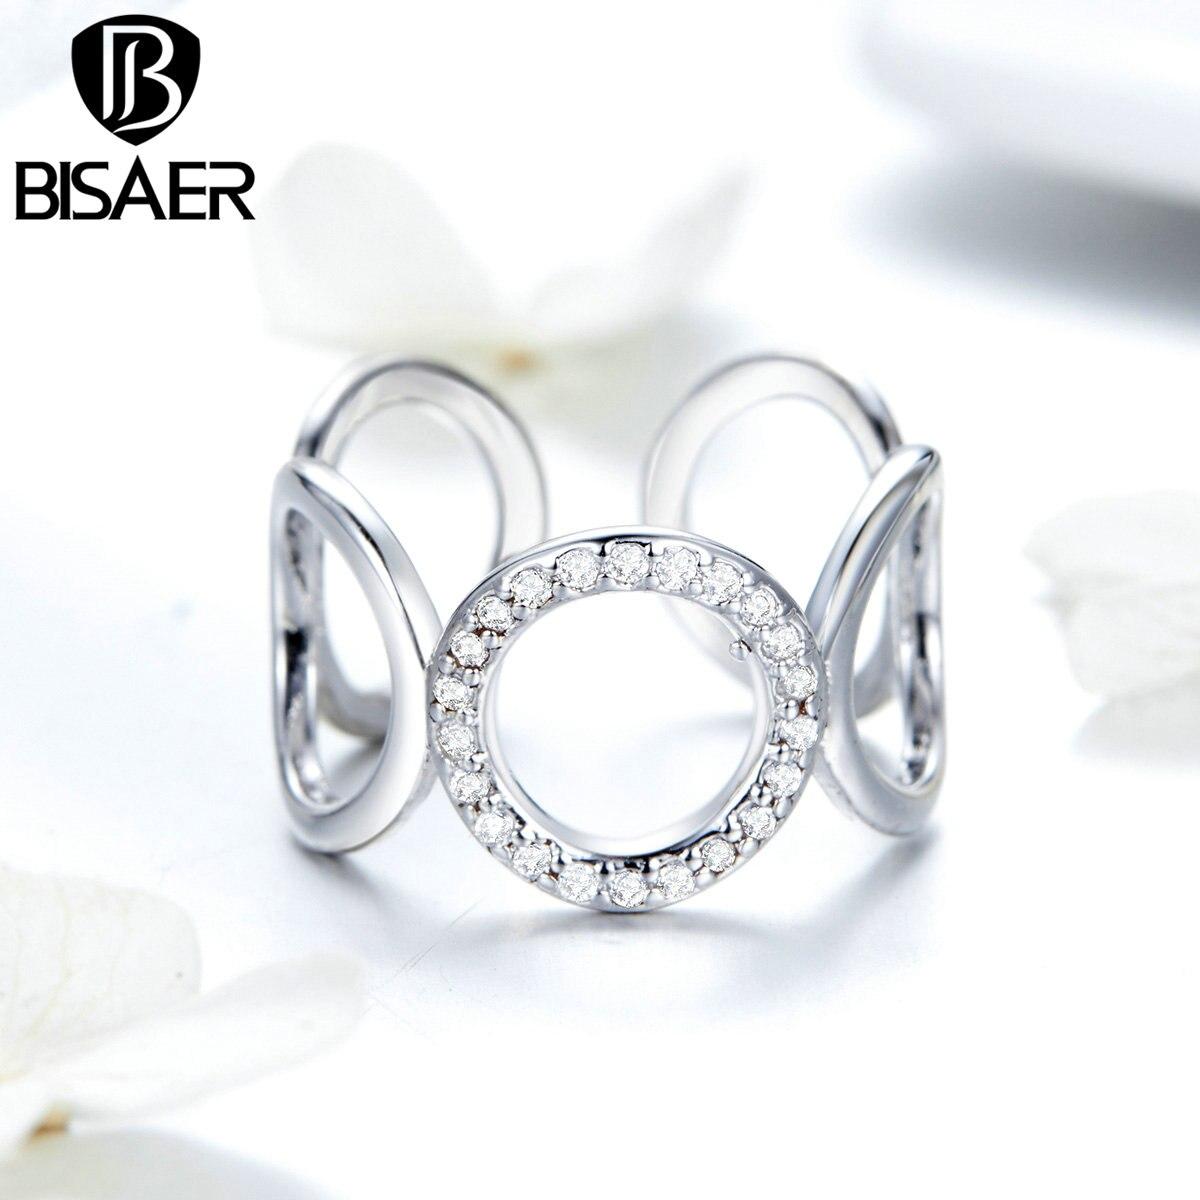 Женское кольцо Bijoux gasaer, круглое регулируемое кольцо с кристаллом, 2019